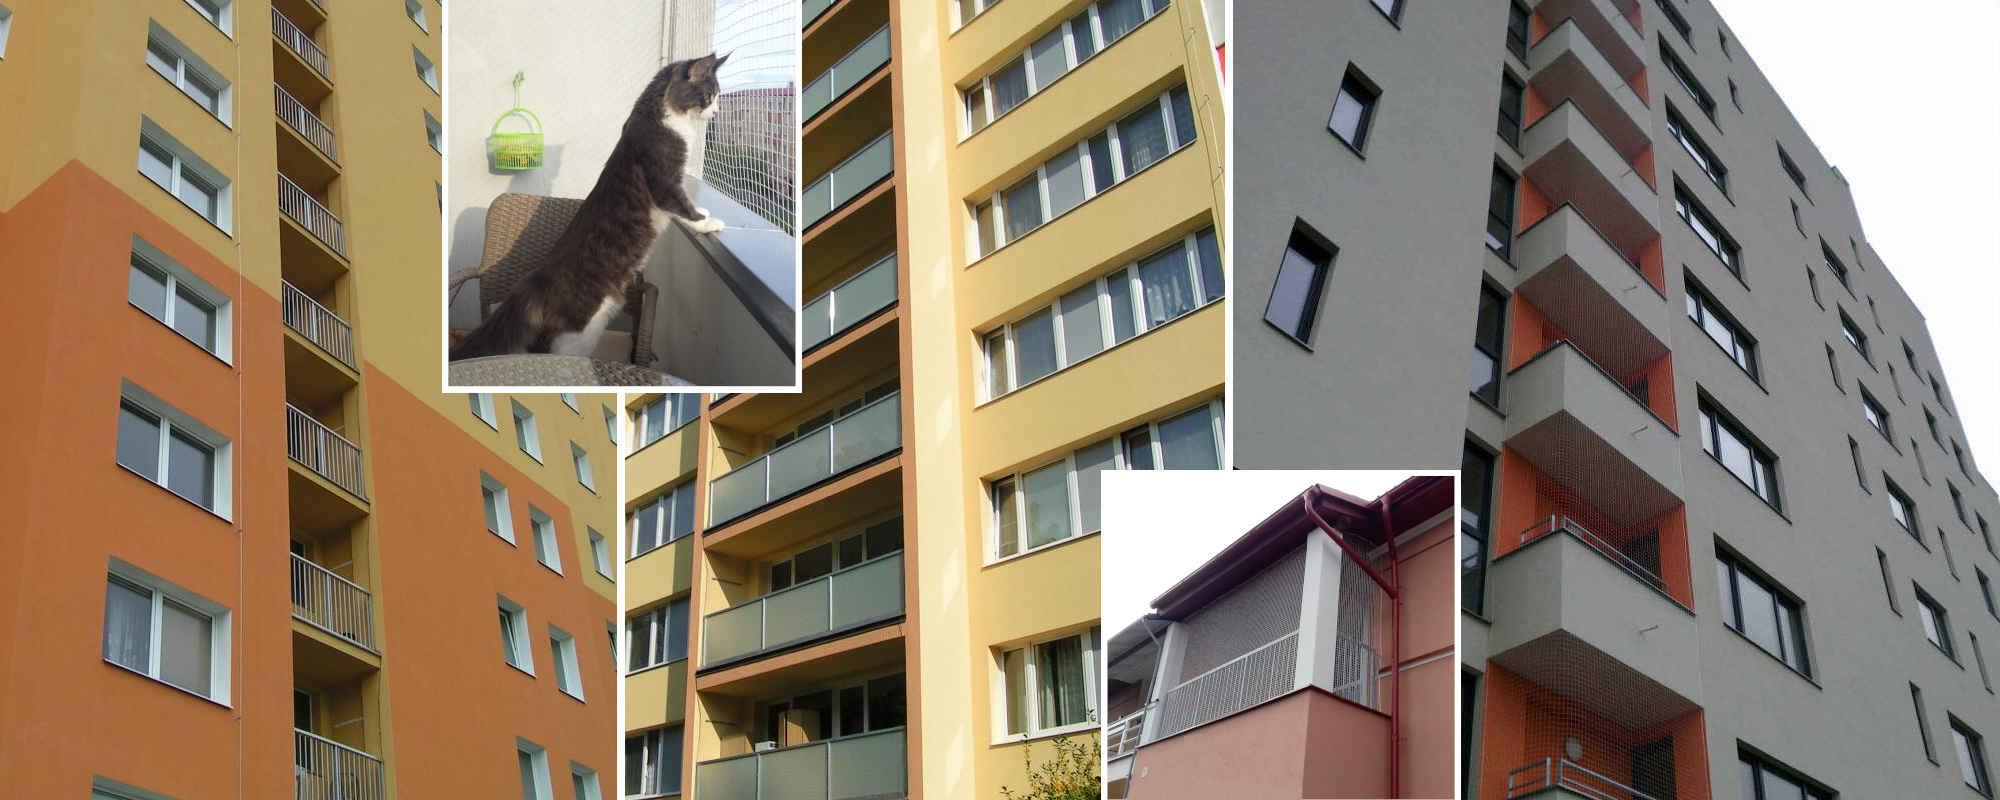 Balkonovesite.cz